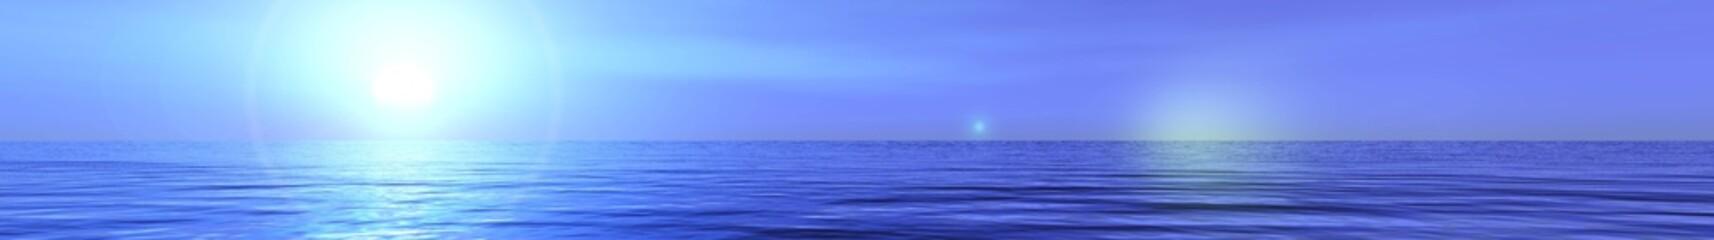 Panorama of the sea, sunset over the sea, oceanic sunrise